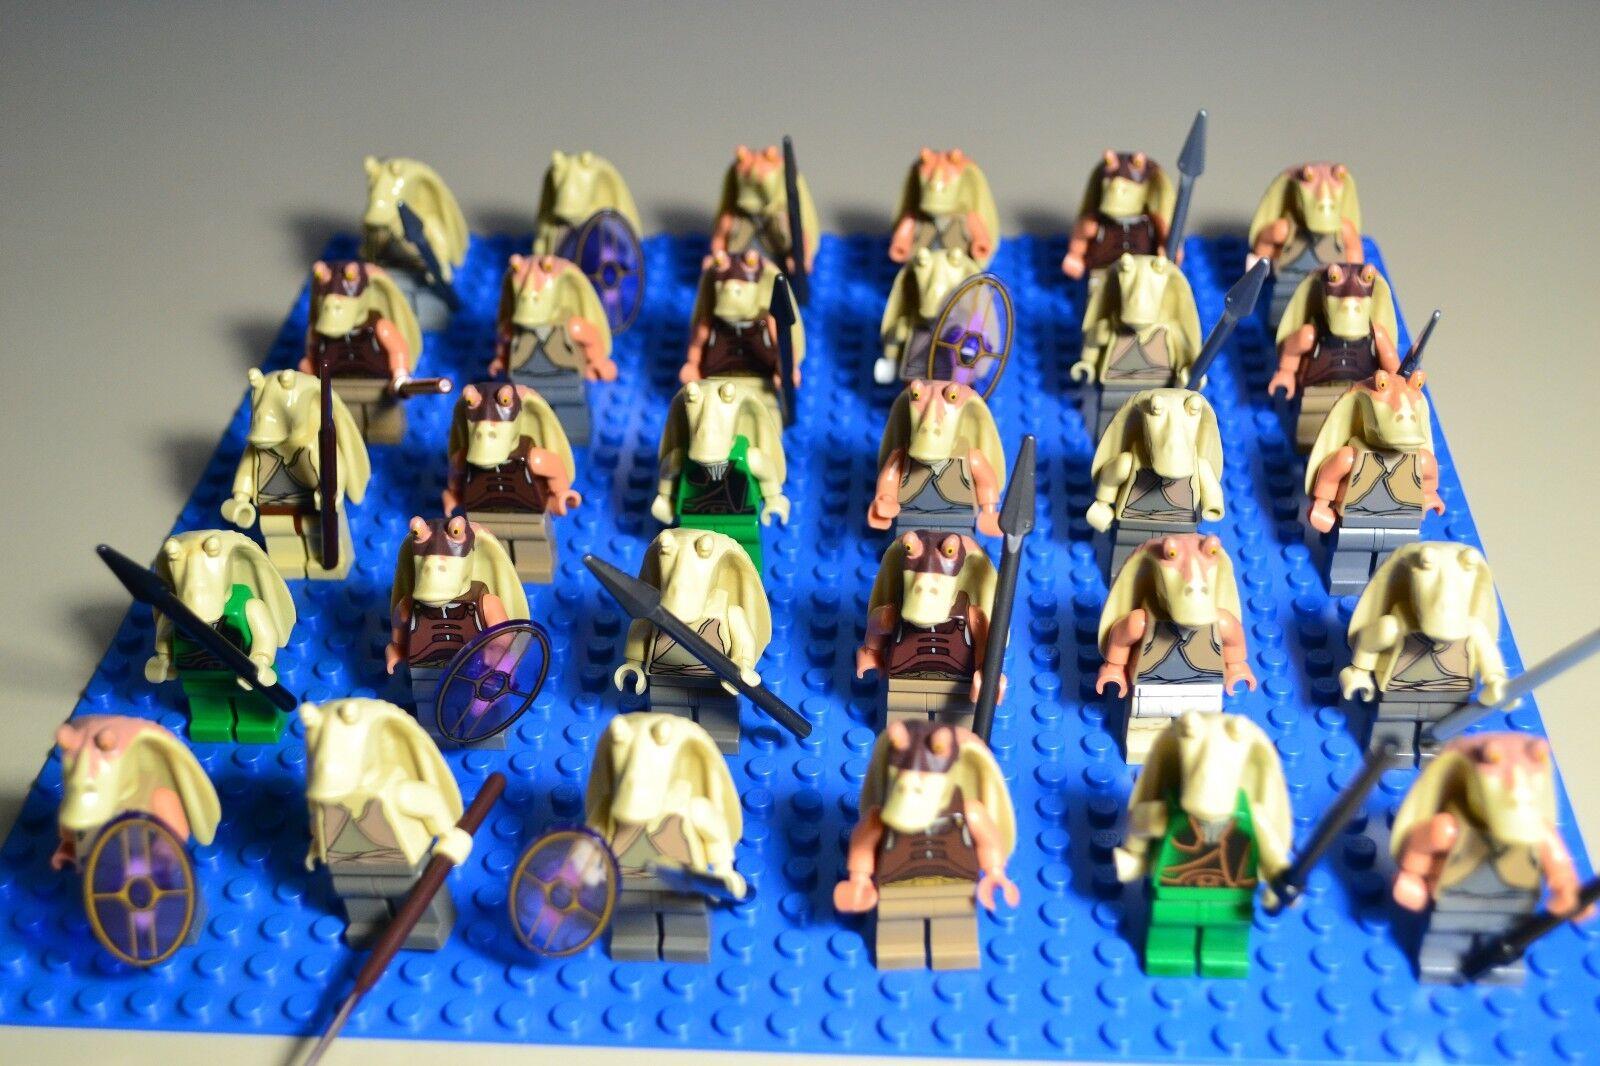 LEGO Star Wars Jar Jar Binks Minifigure Lot